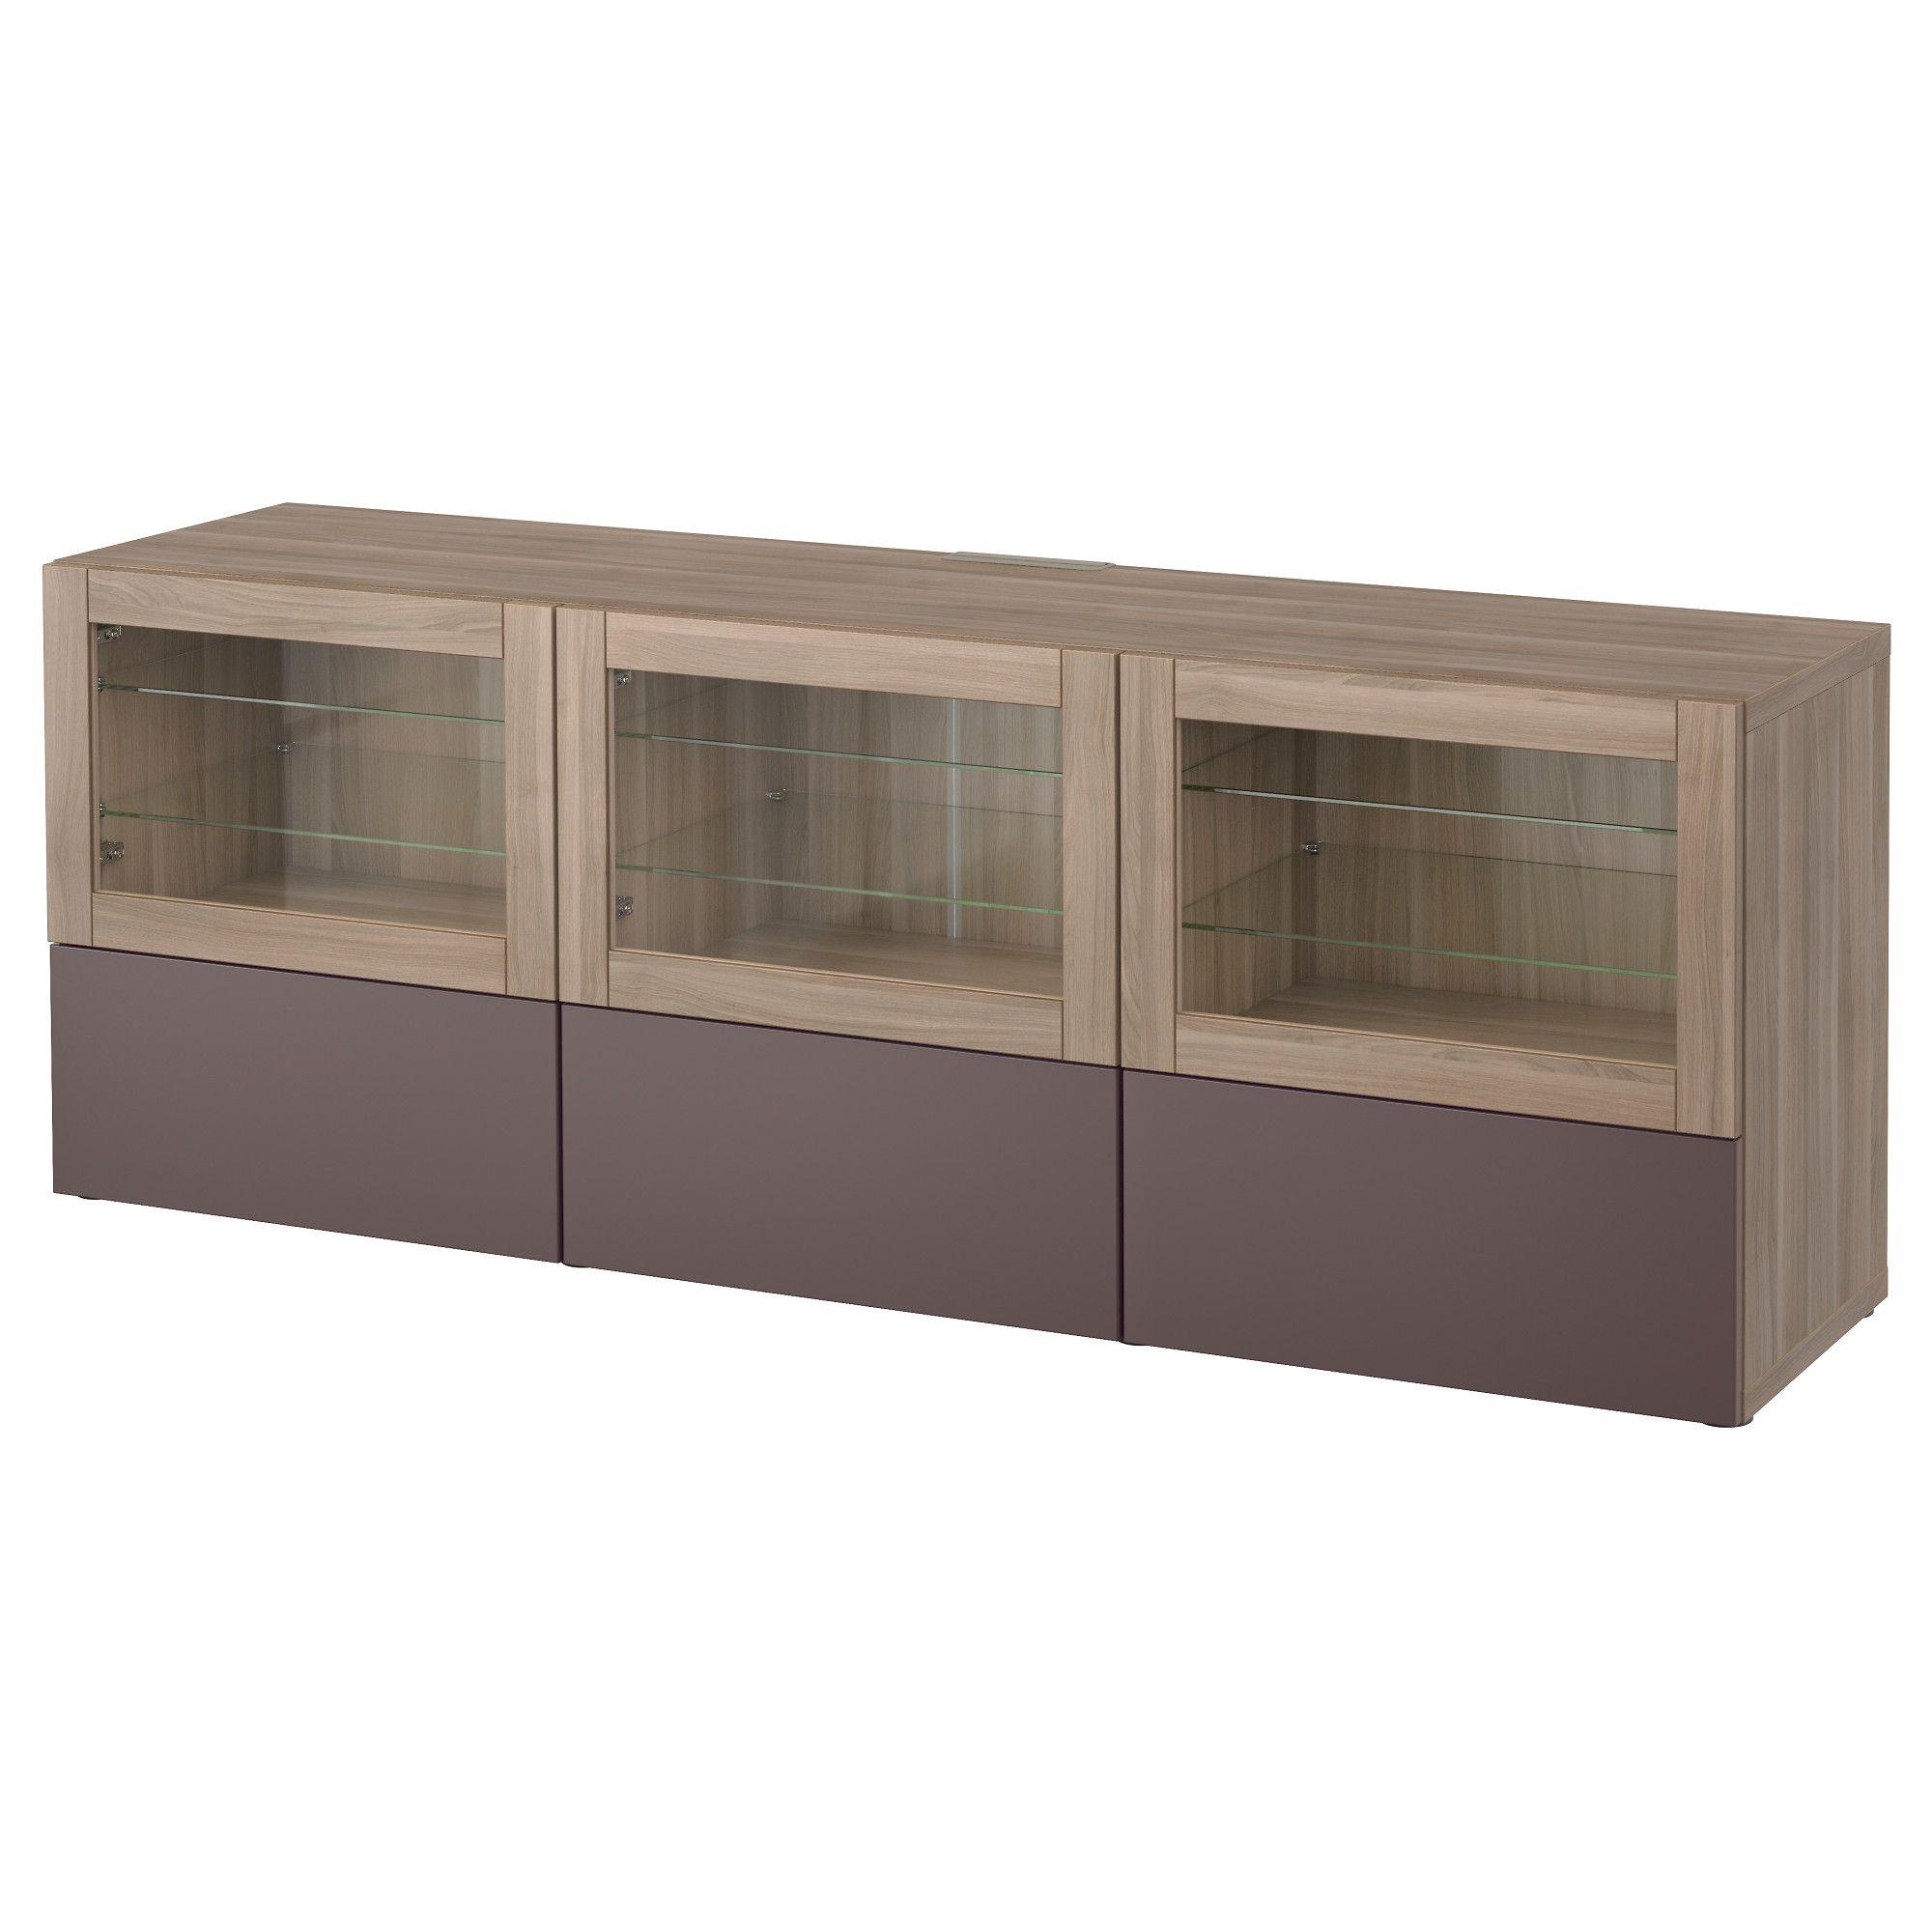 BESTÅ, TV-Bank mit Türen und Schubladen, grau las. Nussbaumnachb., Jetzt bestellen unter: https://moebel.ladendirekt.de/wohnzimmer/tv-hifi-moebel/tv-lowboards/?uid=145a7c33-b182-59d4-934e-aa8f26a057dc&utm_source=pinterest&utm_medium=pin&utm_campaign=boards #tvlowboards #wohnzimmer #tvhifimoebel